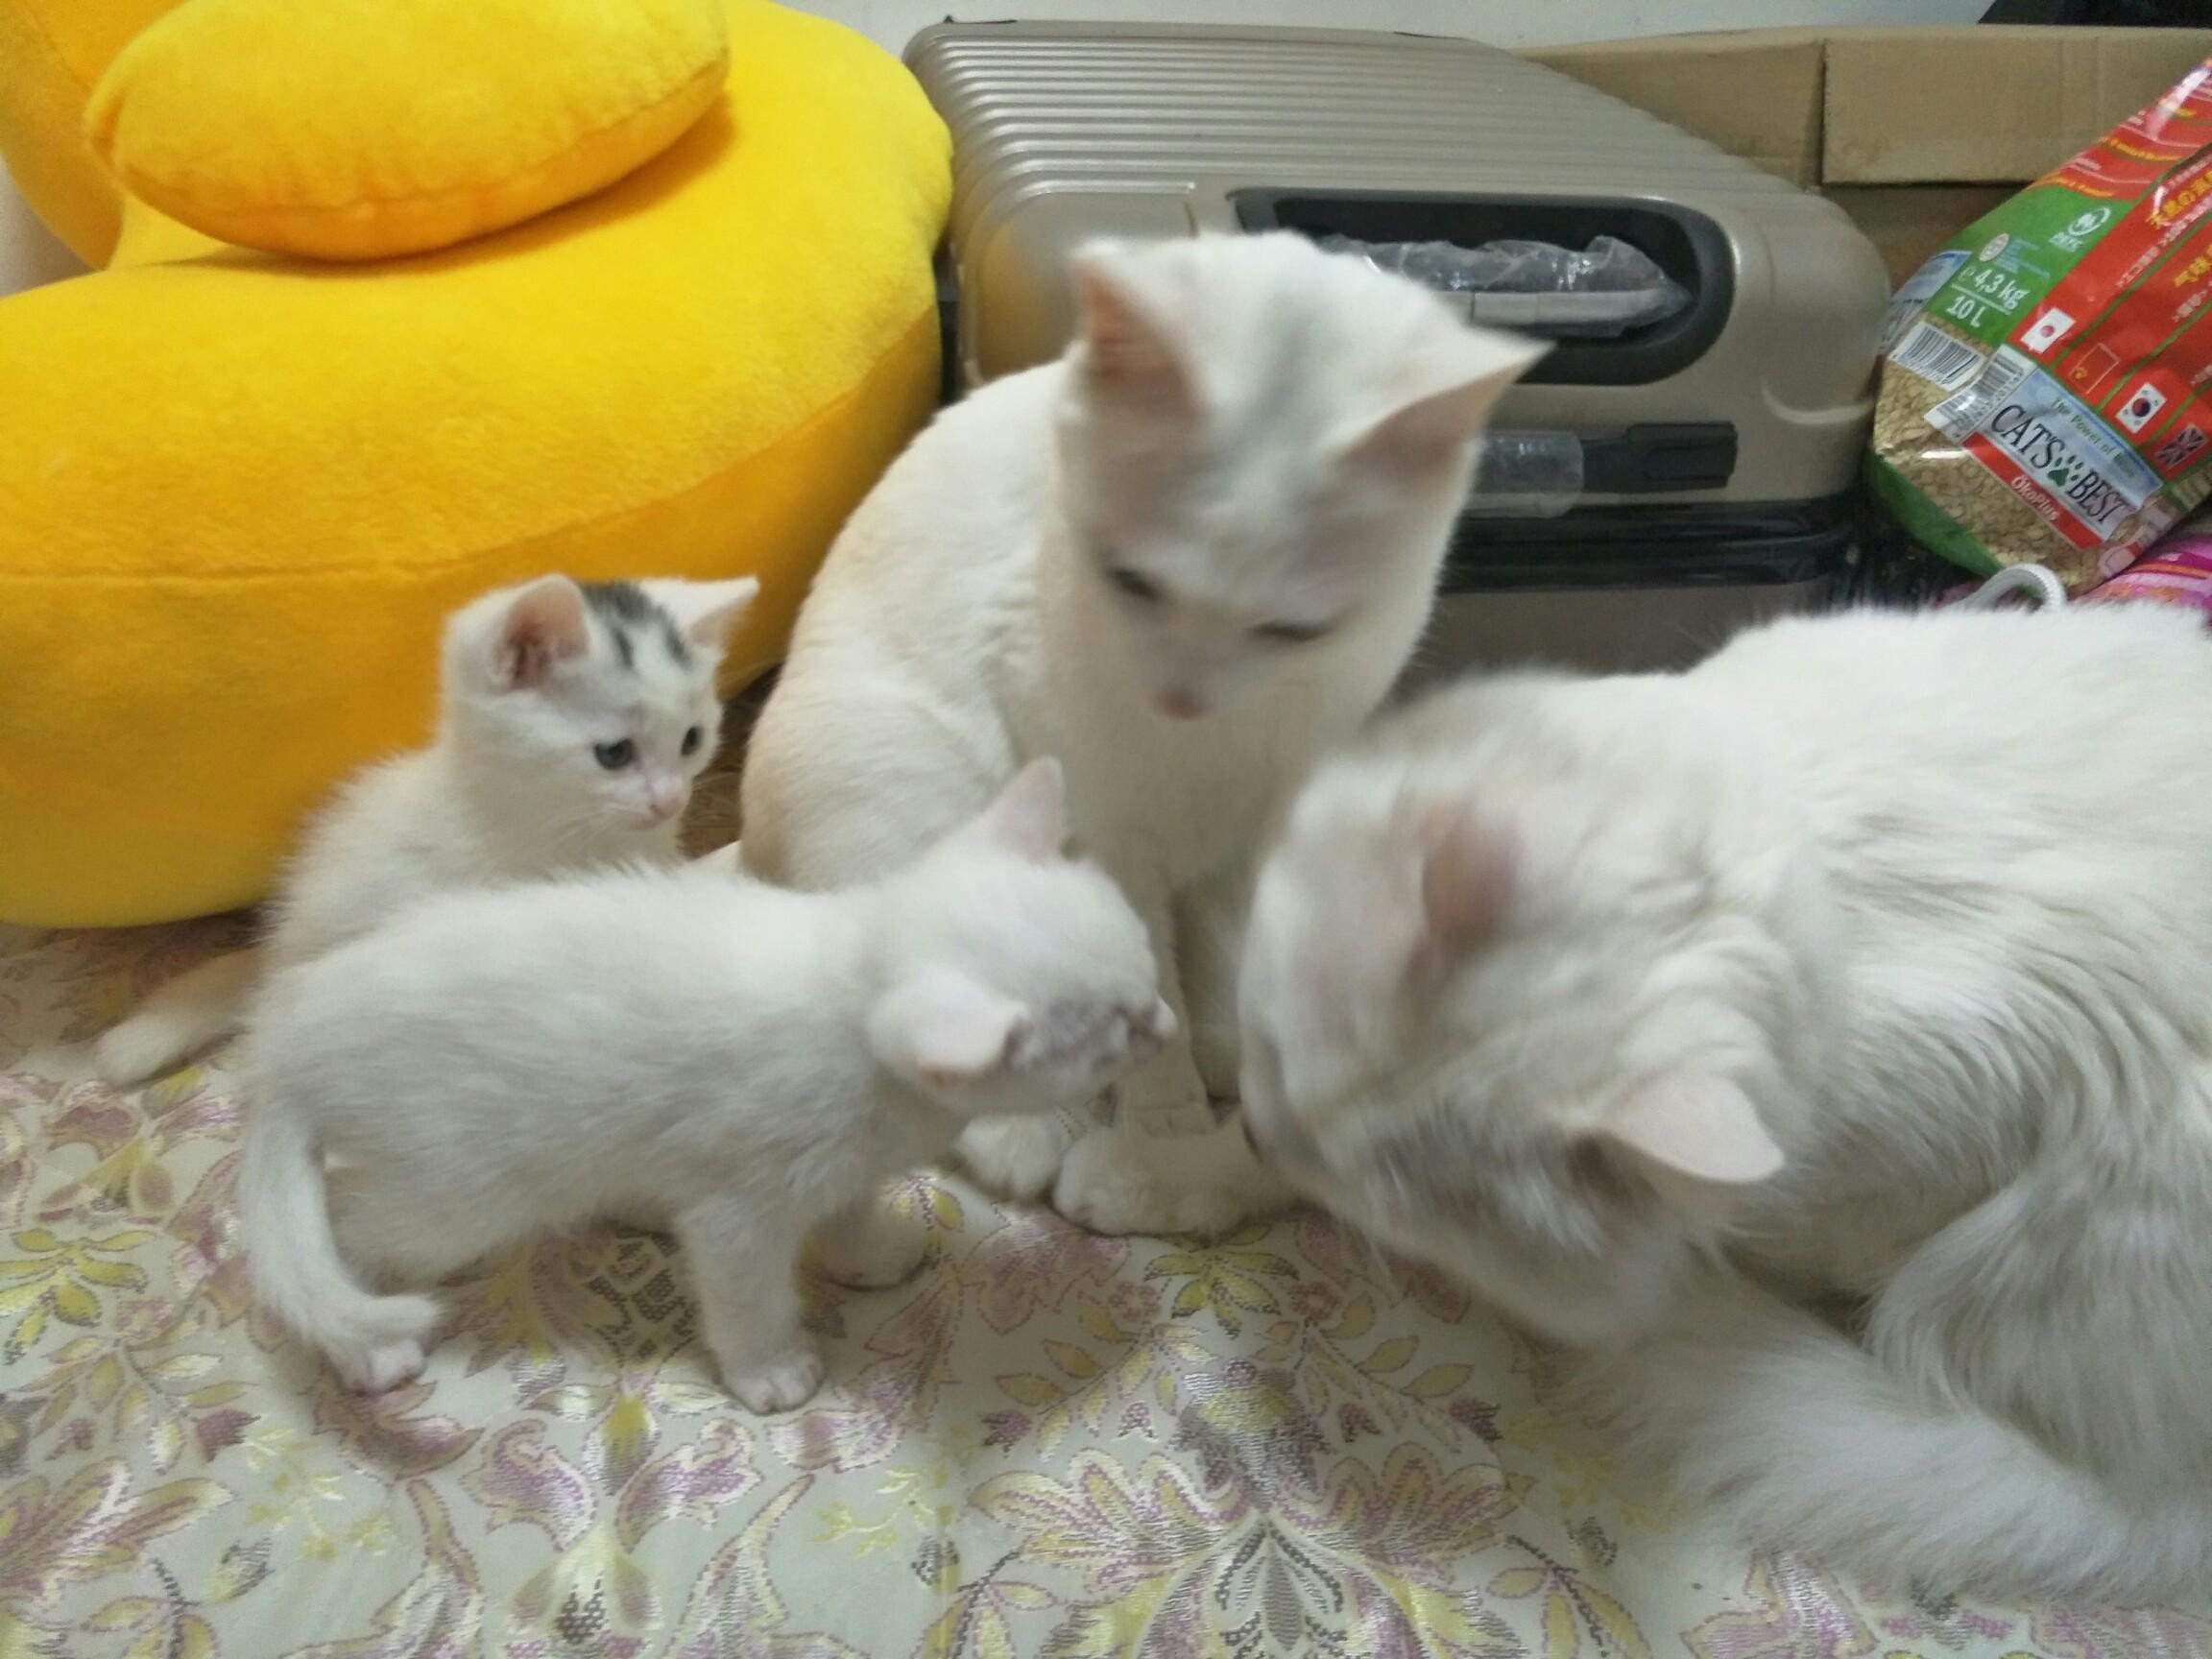 壁纸 动物 猫 猫咪 小猫 桌面 2304_1728